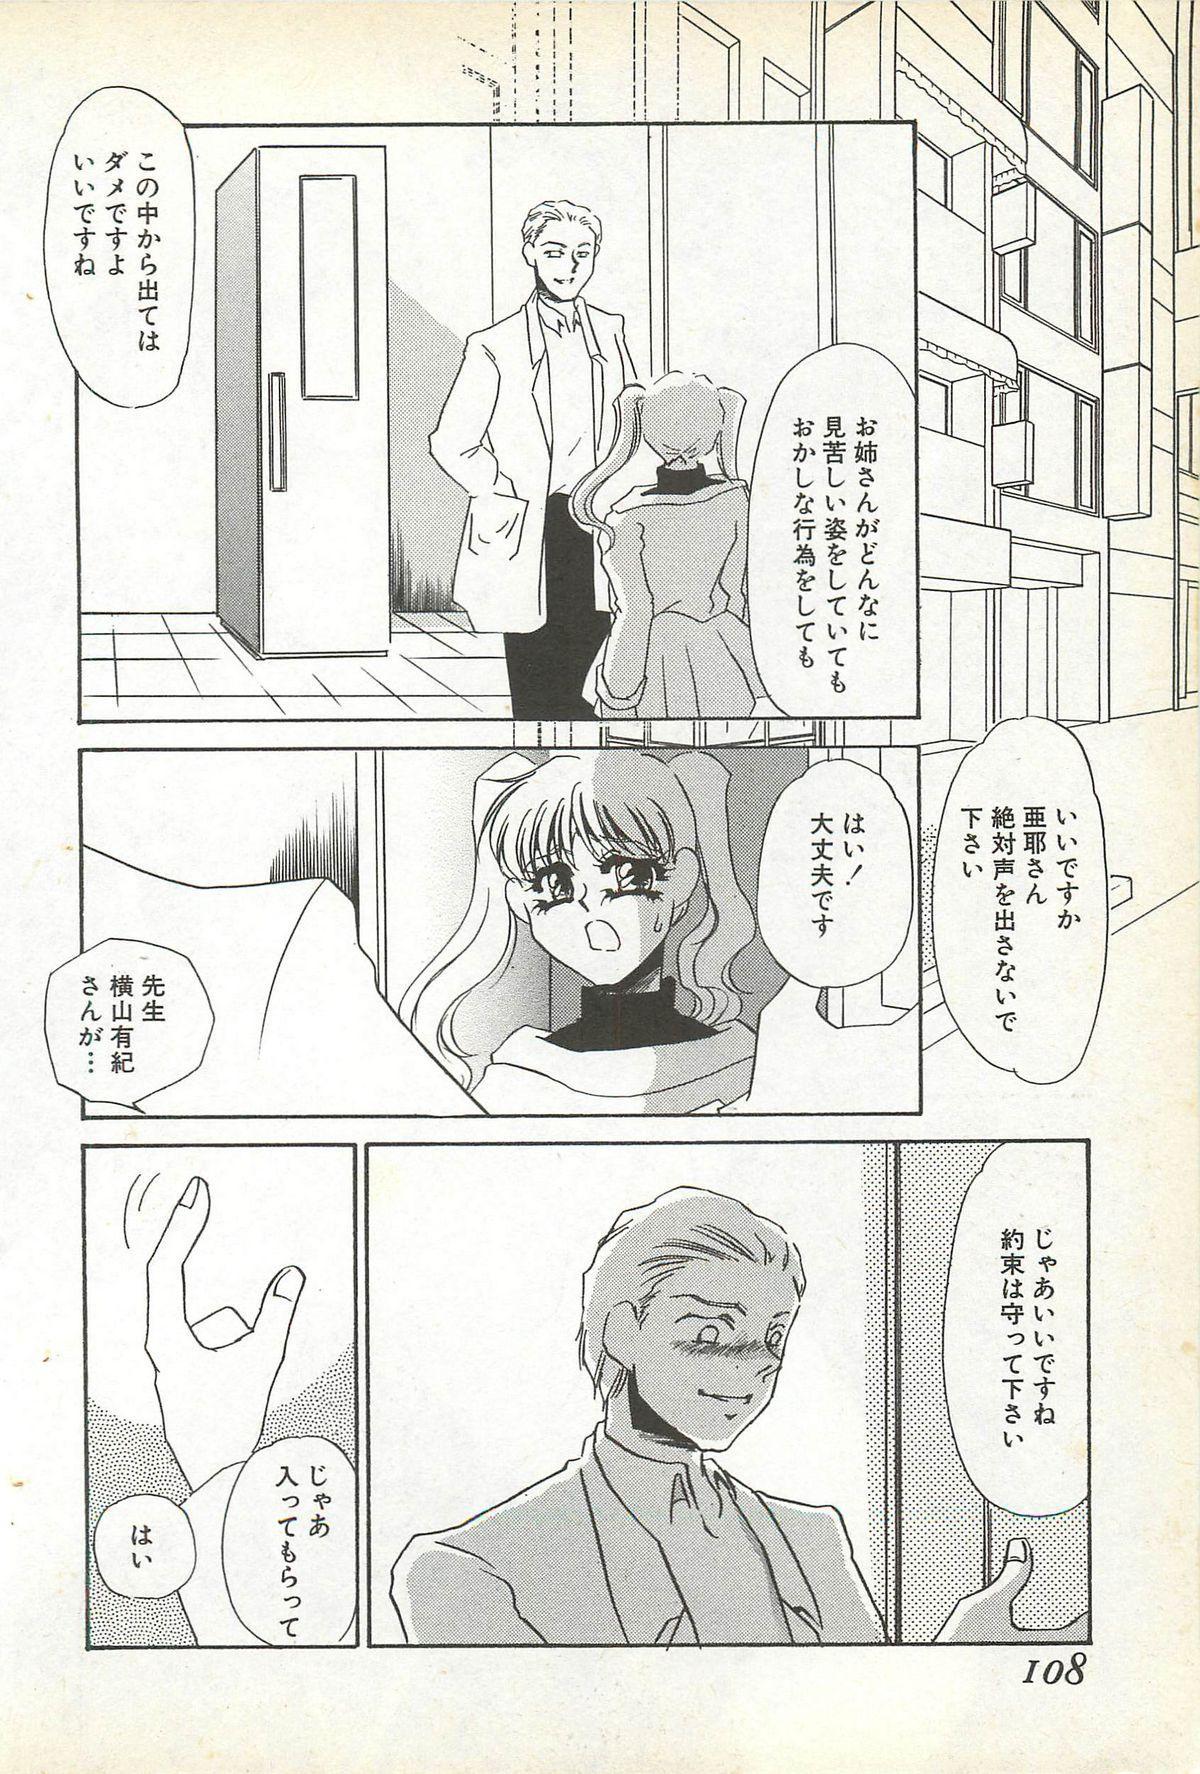 Chigyaku no Heya - A Shameful Punishment Room 103